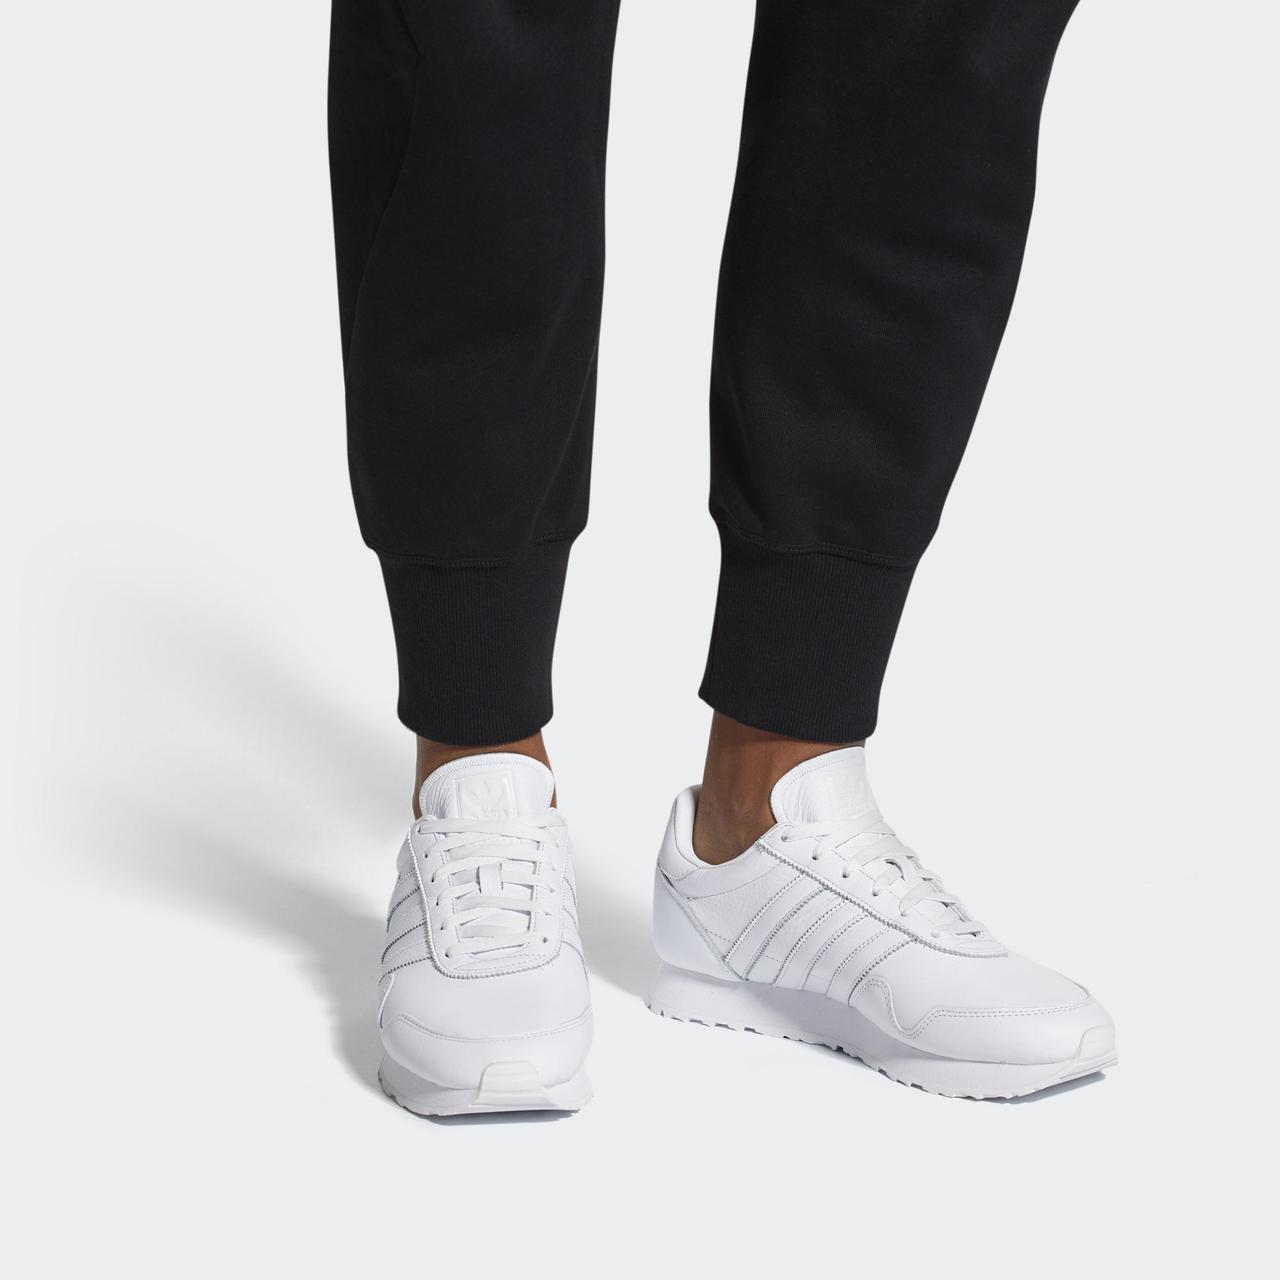 8d6c6b72 Мужские белые кроссовки Adidas Originals Haven CQ3037: продажа, цена ...